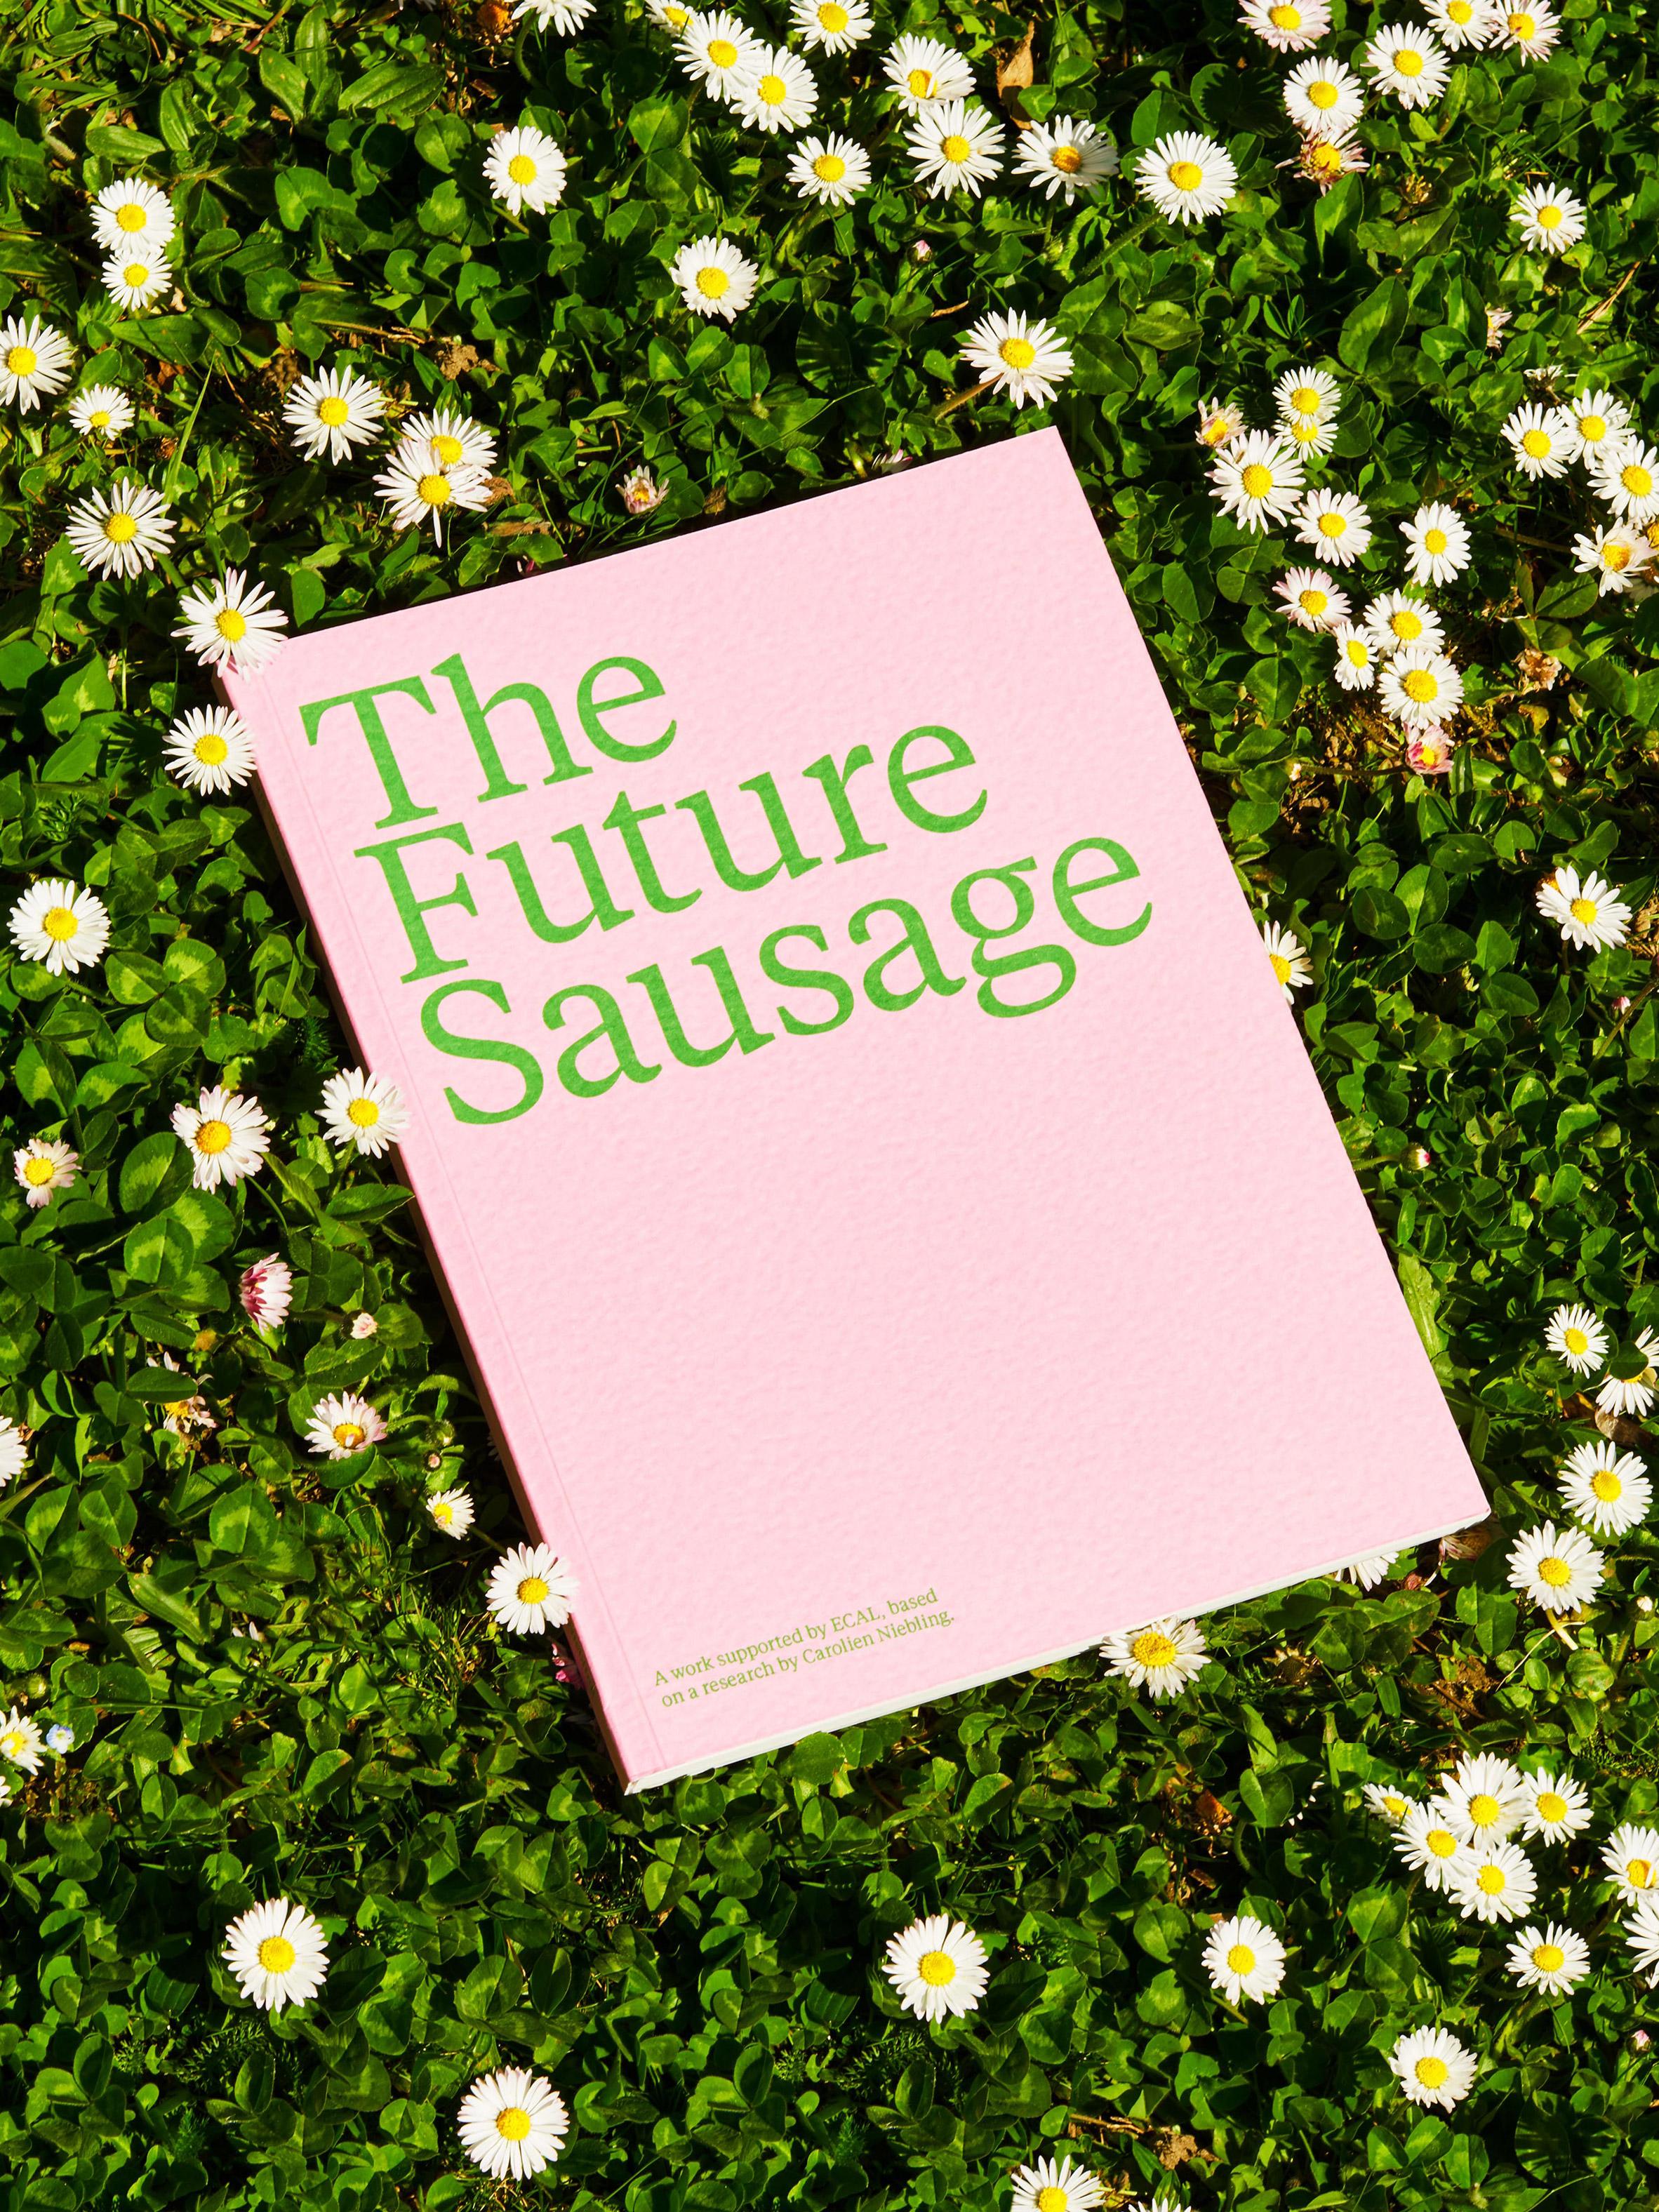 future-sausage-8.jpg